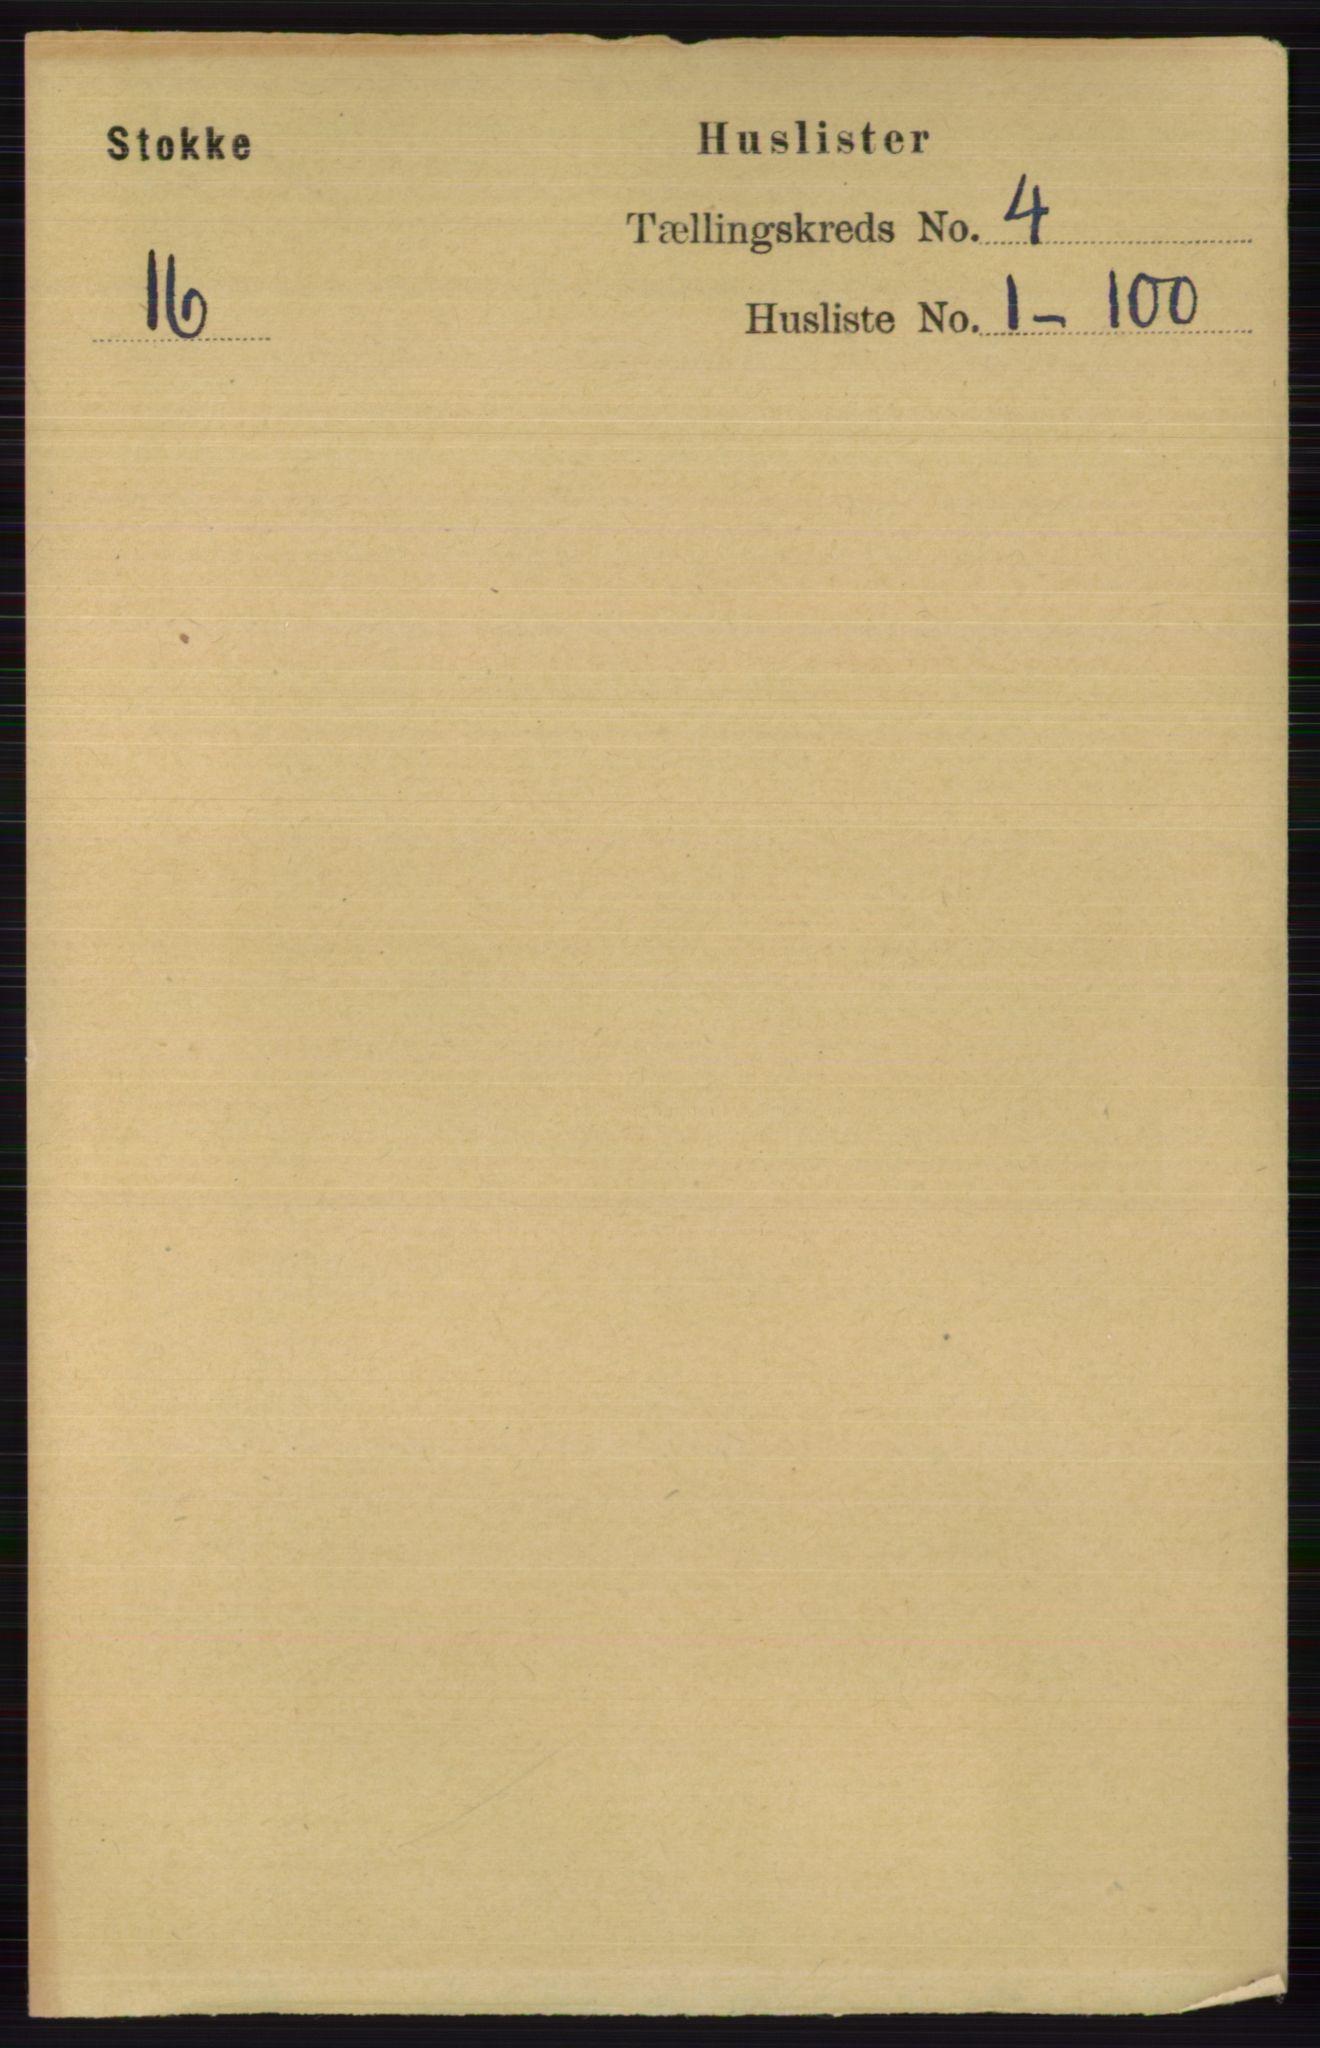 RA, Folketelling 1891 for 0720 Stokke herred, 1891, s. 2339